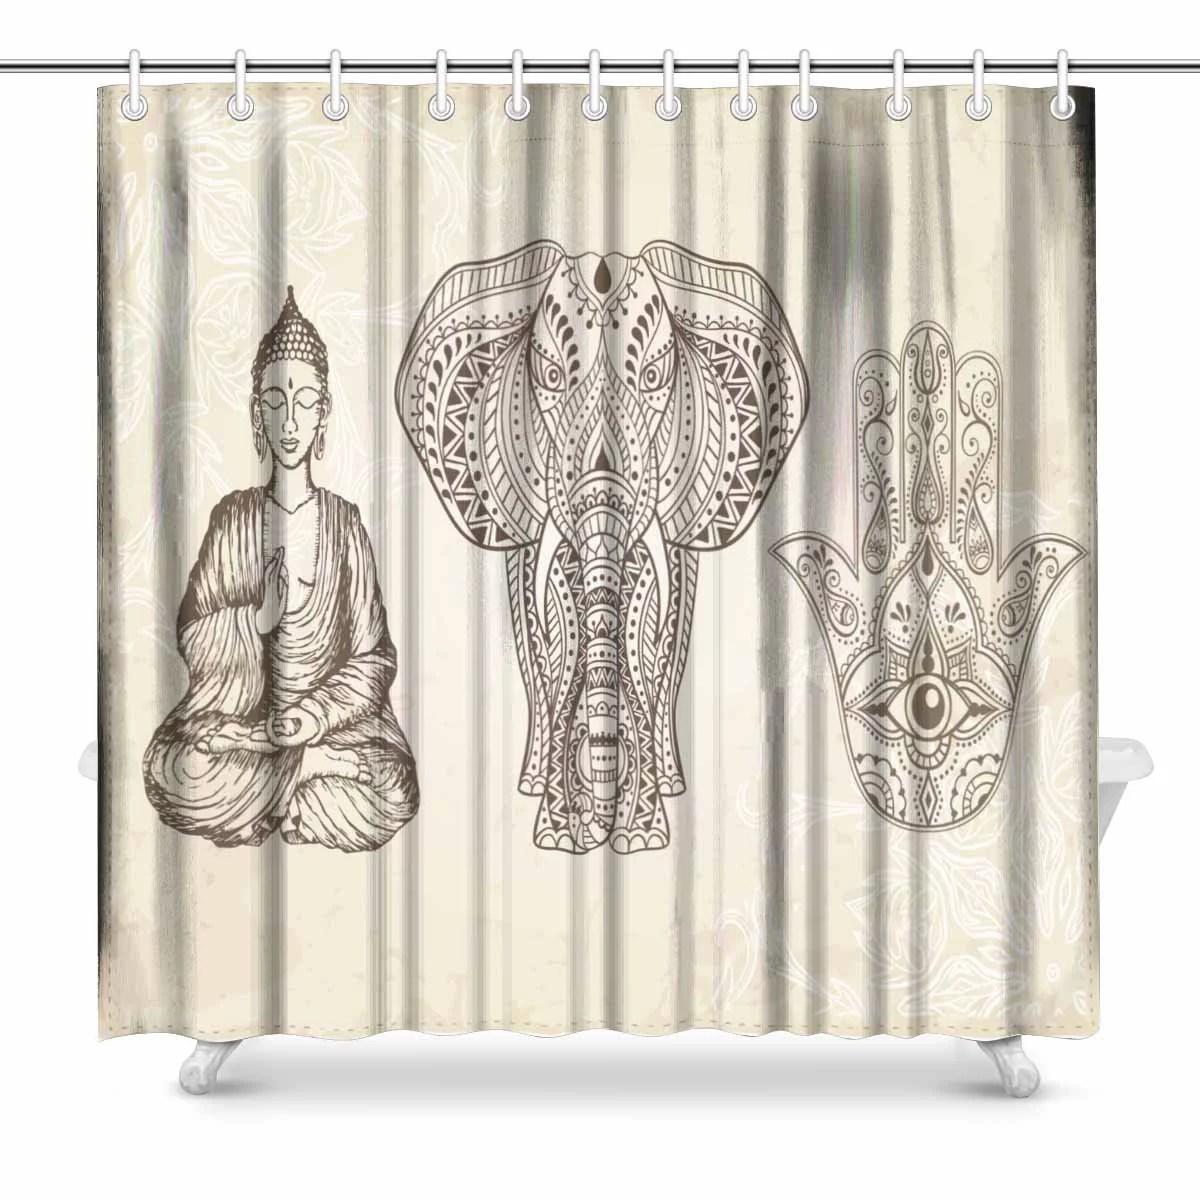 pop hand hamsa all seeing eye elephant buddha bathroom shower curtain set 66x72 inch